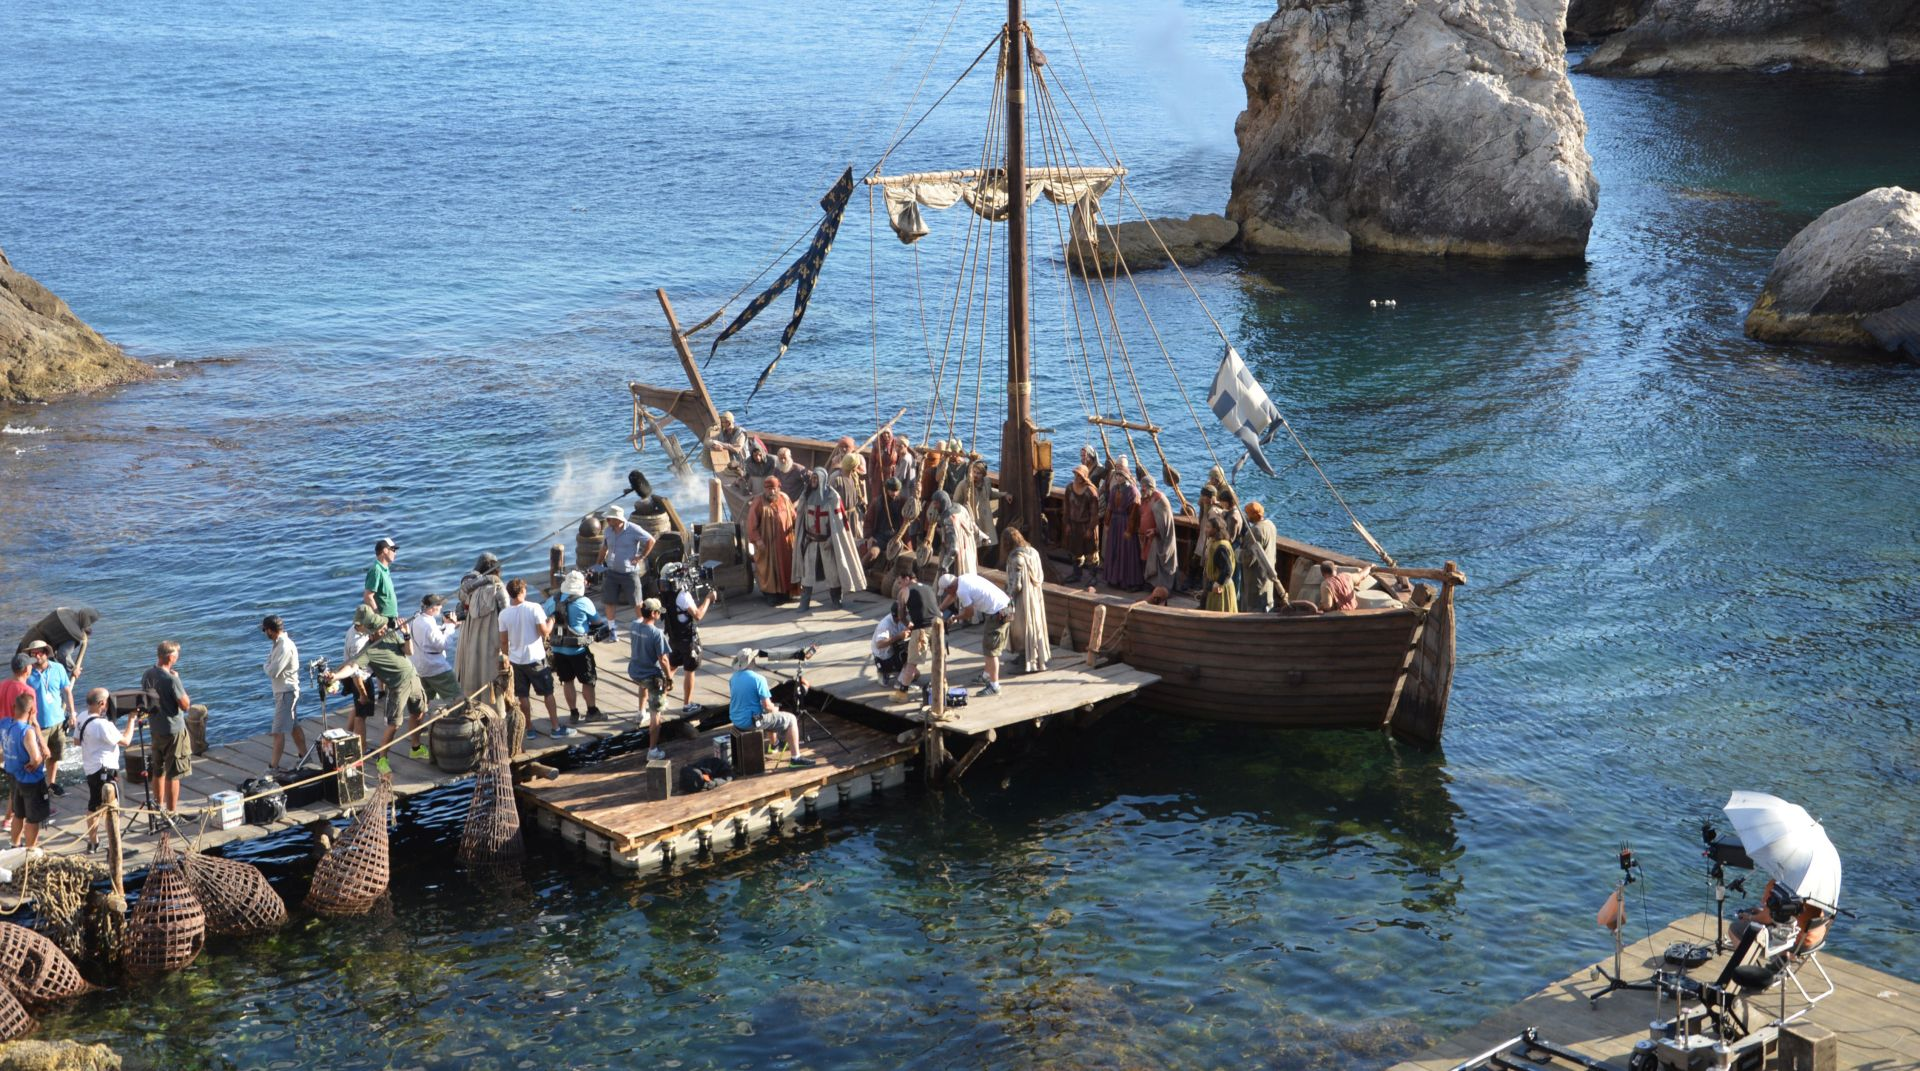 """FOTO: KAMERE 'LUDE' ZA DUBROVNIKOM Počelo snimanje povijesne serije """"Knightfall"""" o Templarima"""